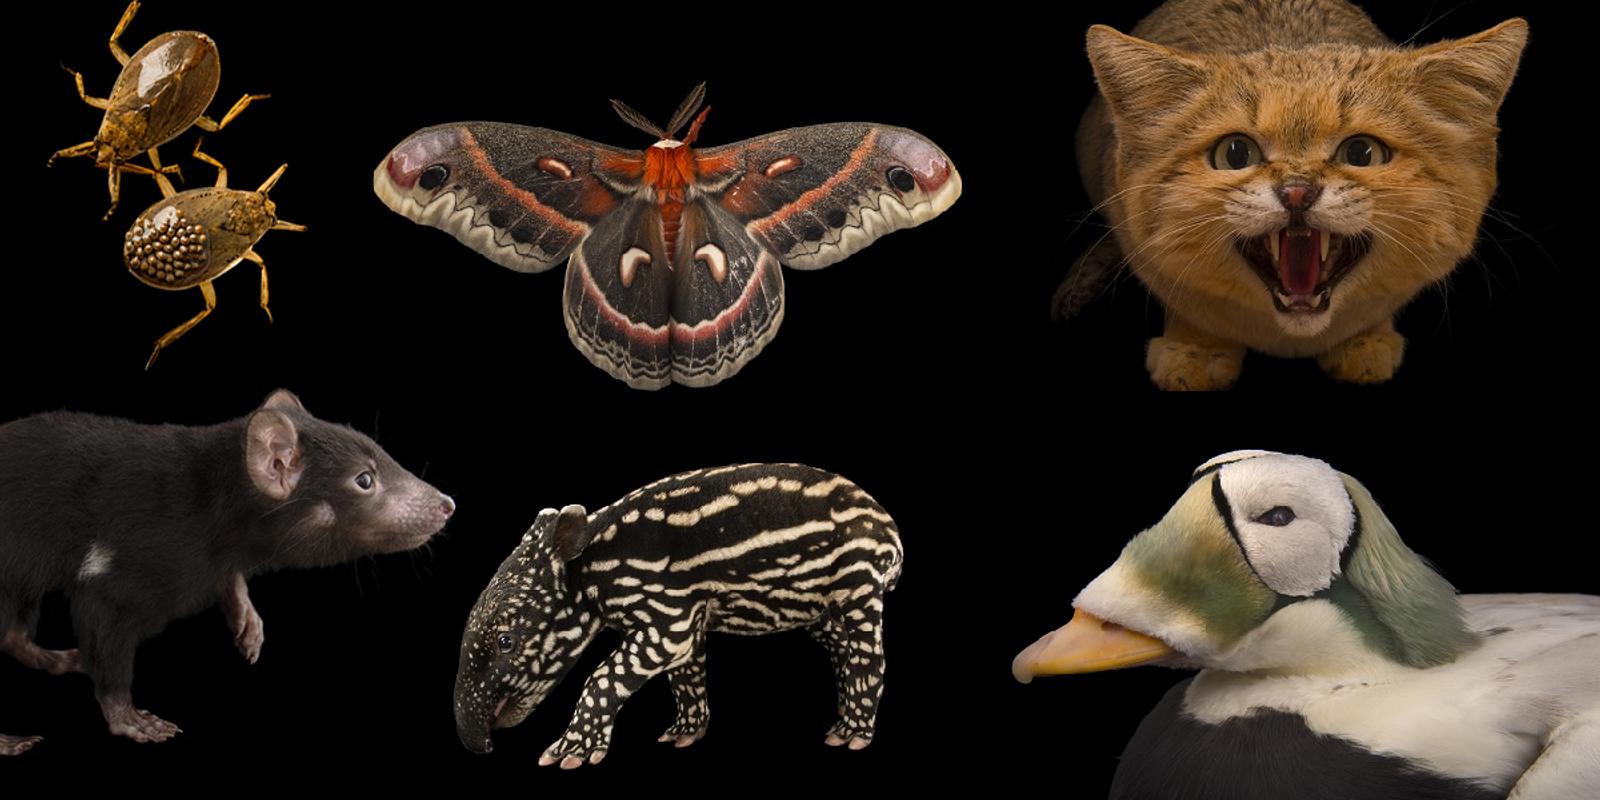 Fotograf Joel Sartore baut eine Arche für die Tiere der Welt